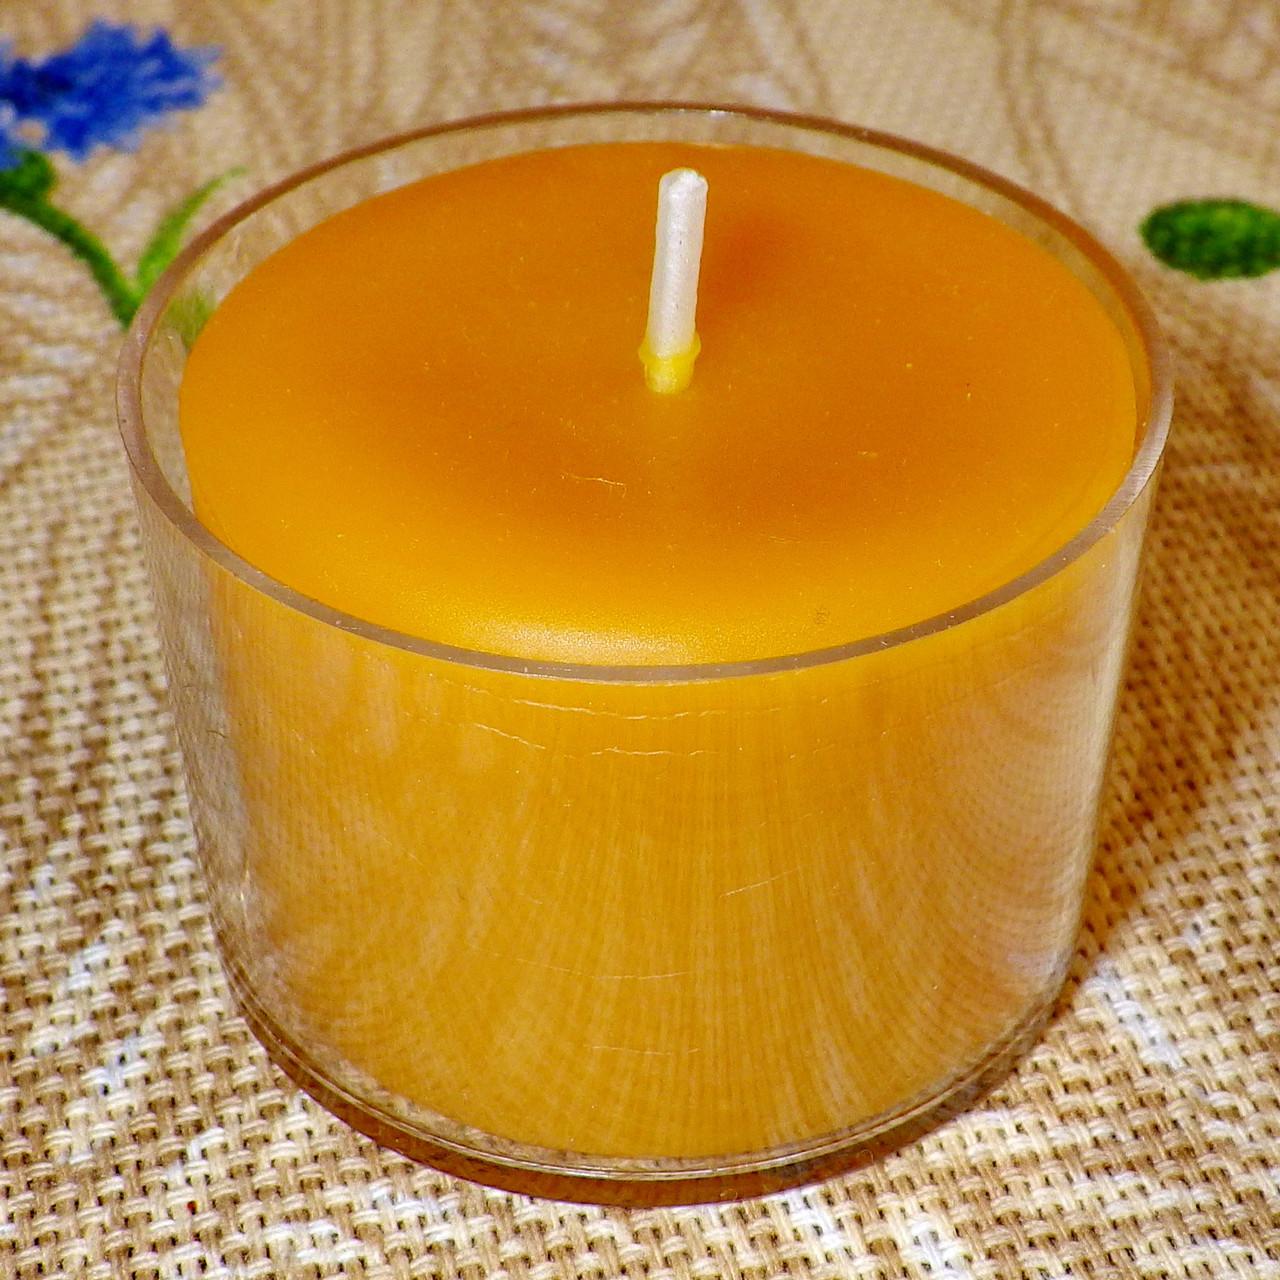 Круглая прозрачная восковая чайная свеча 30г для аромаламп и лампадок; натуральный пчелиный воск